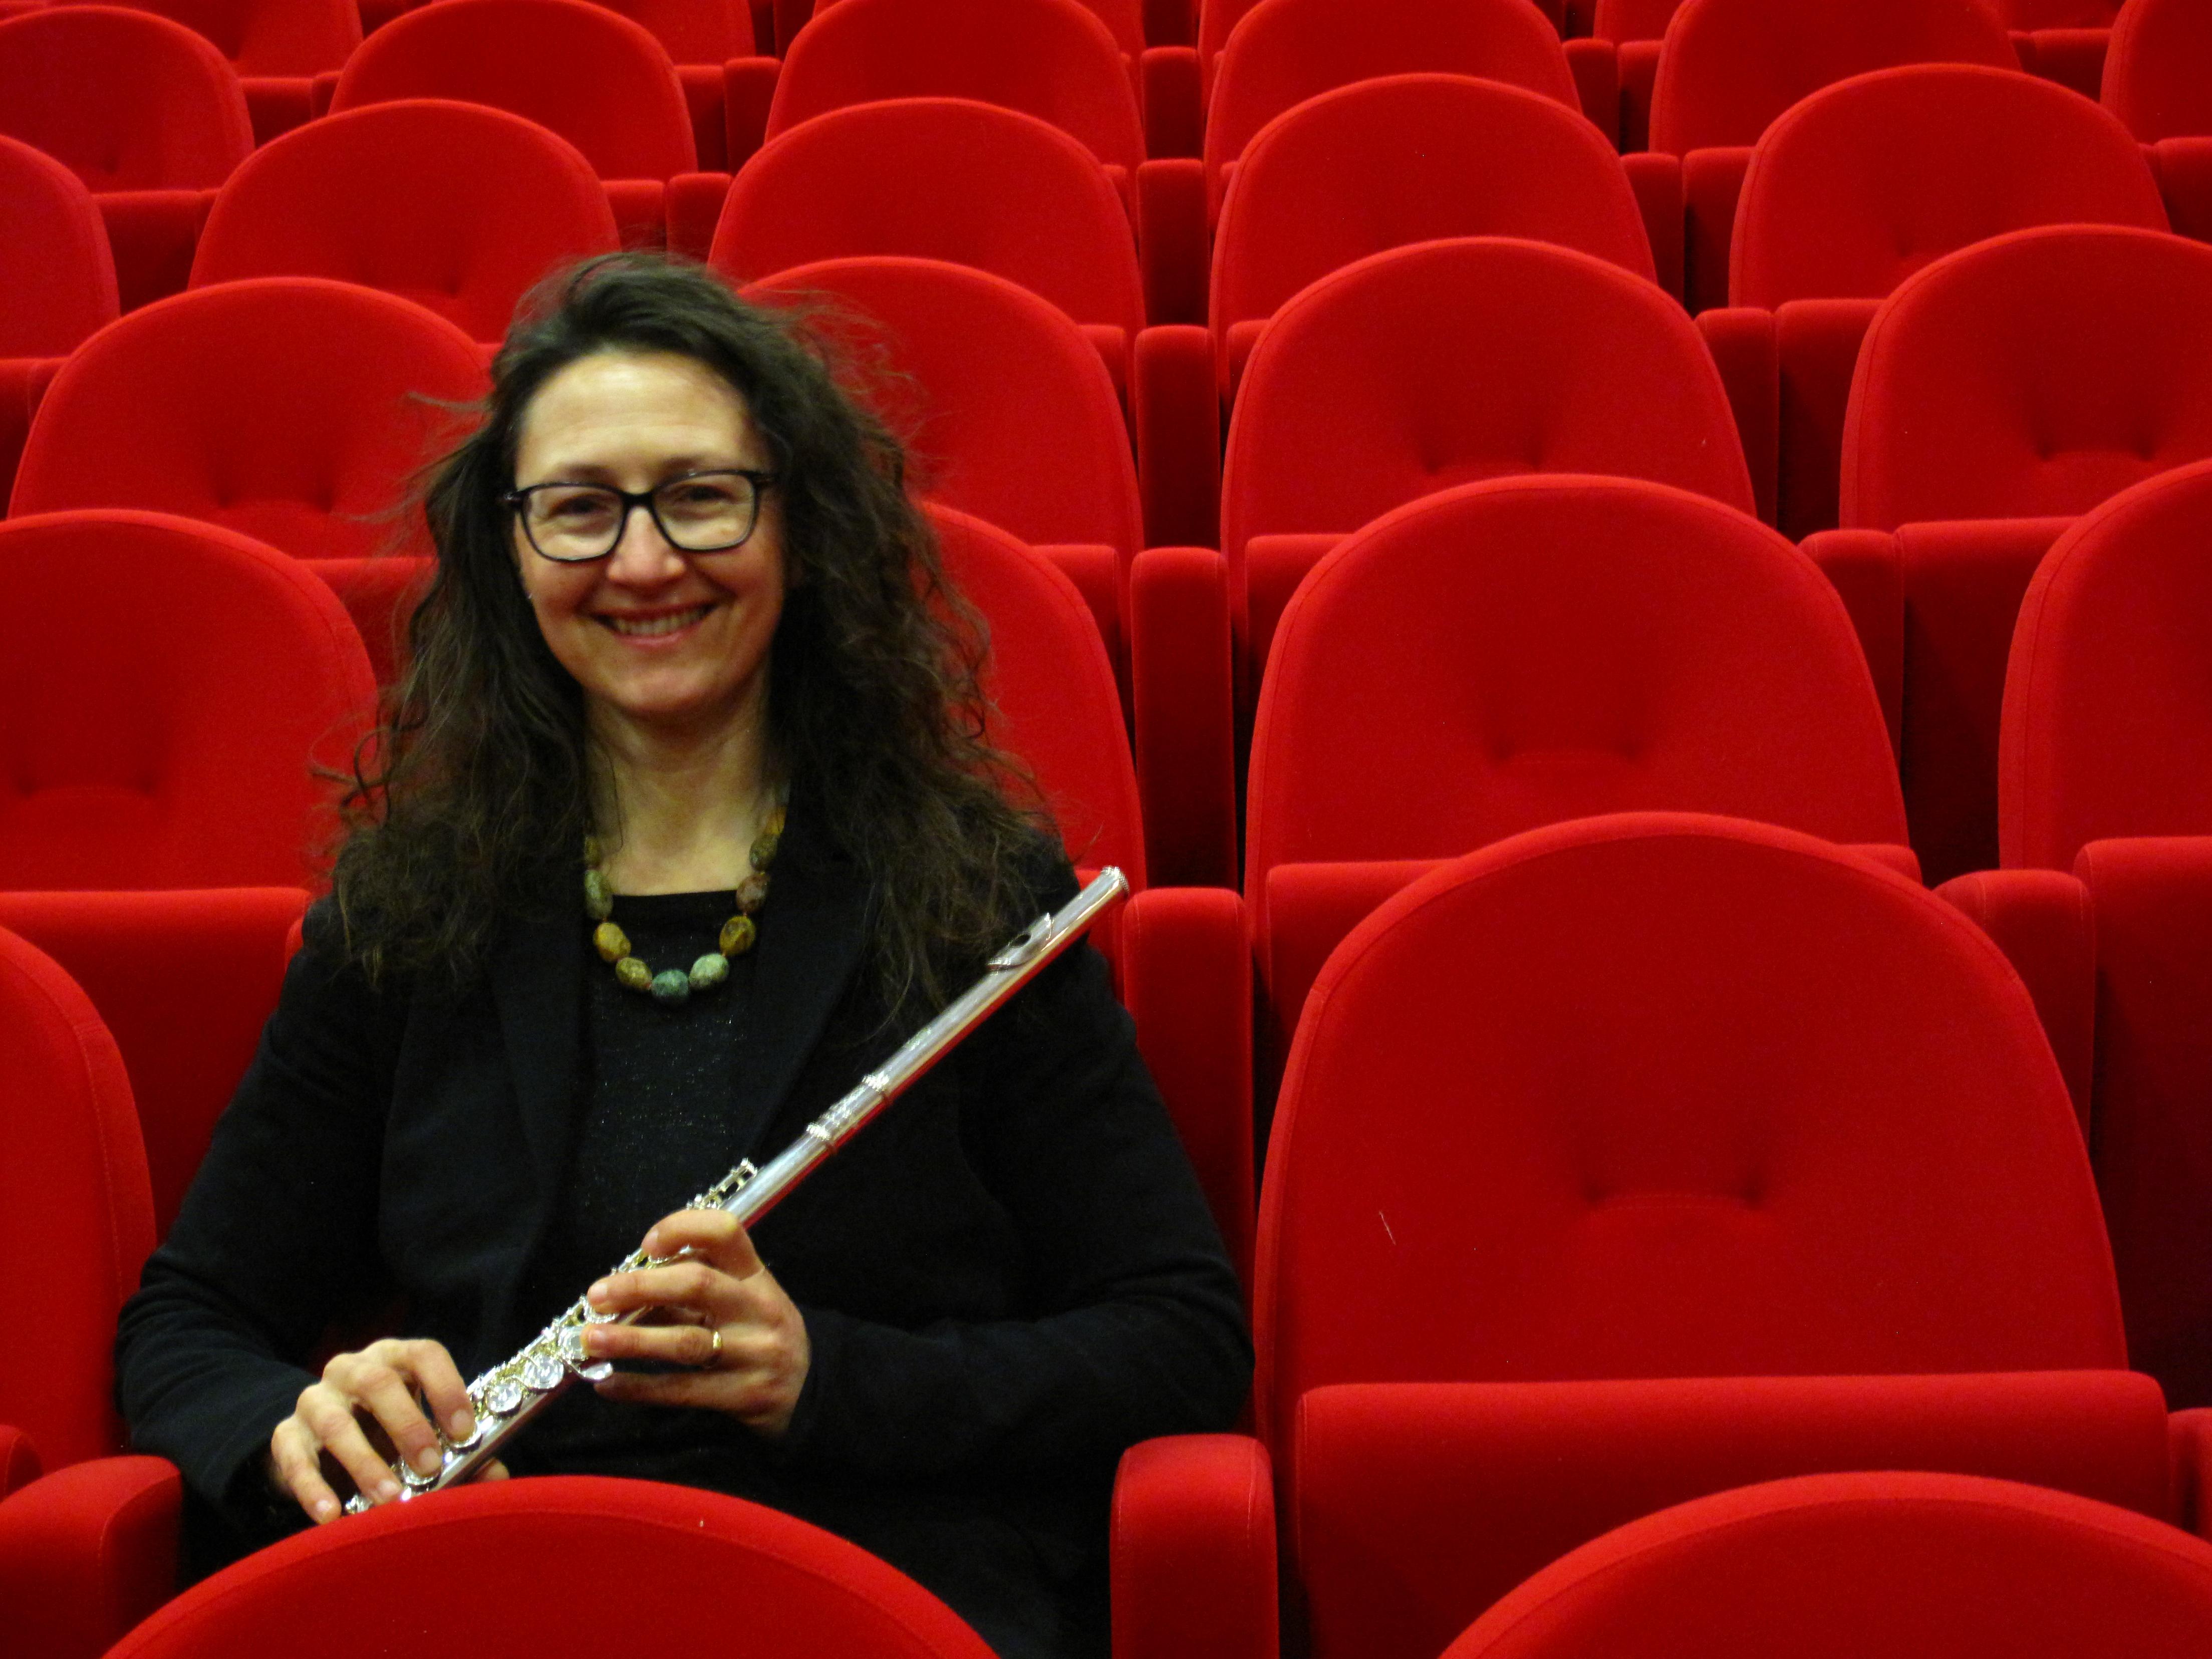 Laura Mazzucco